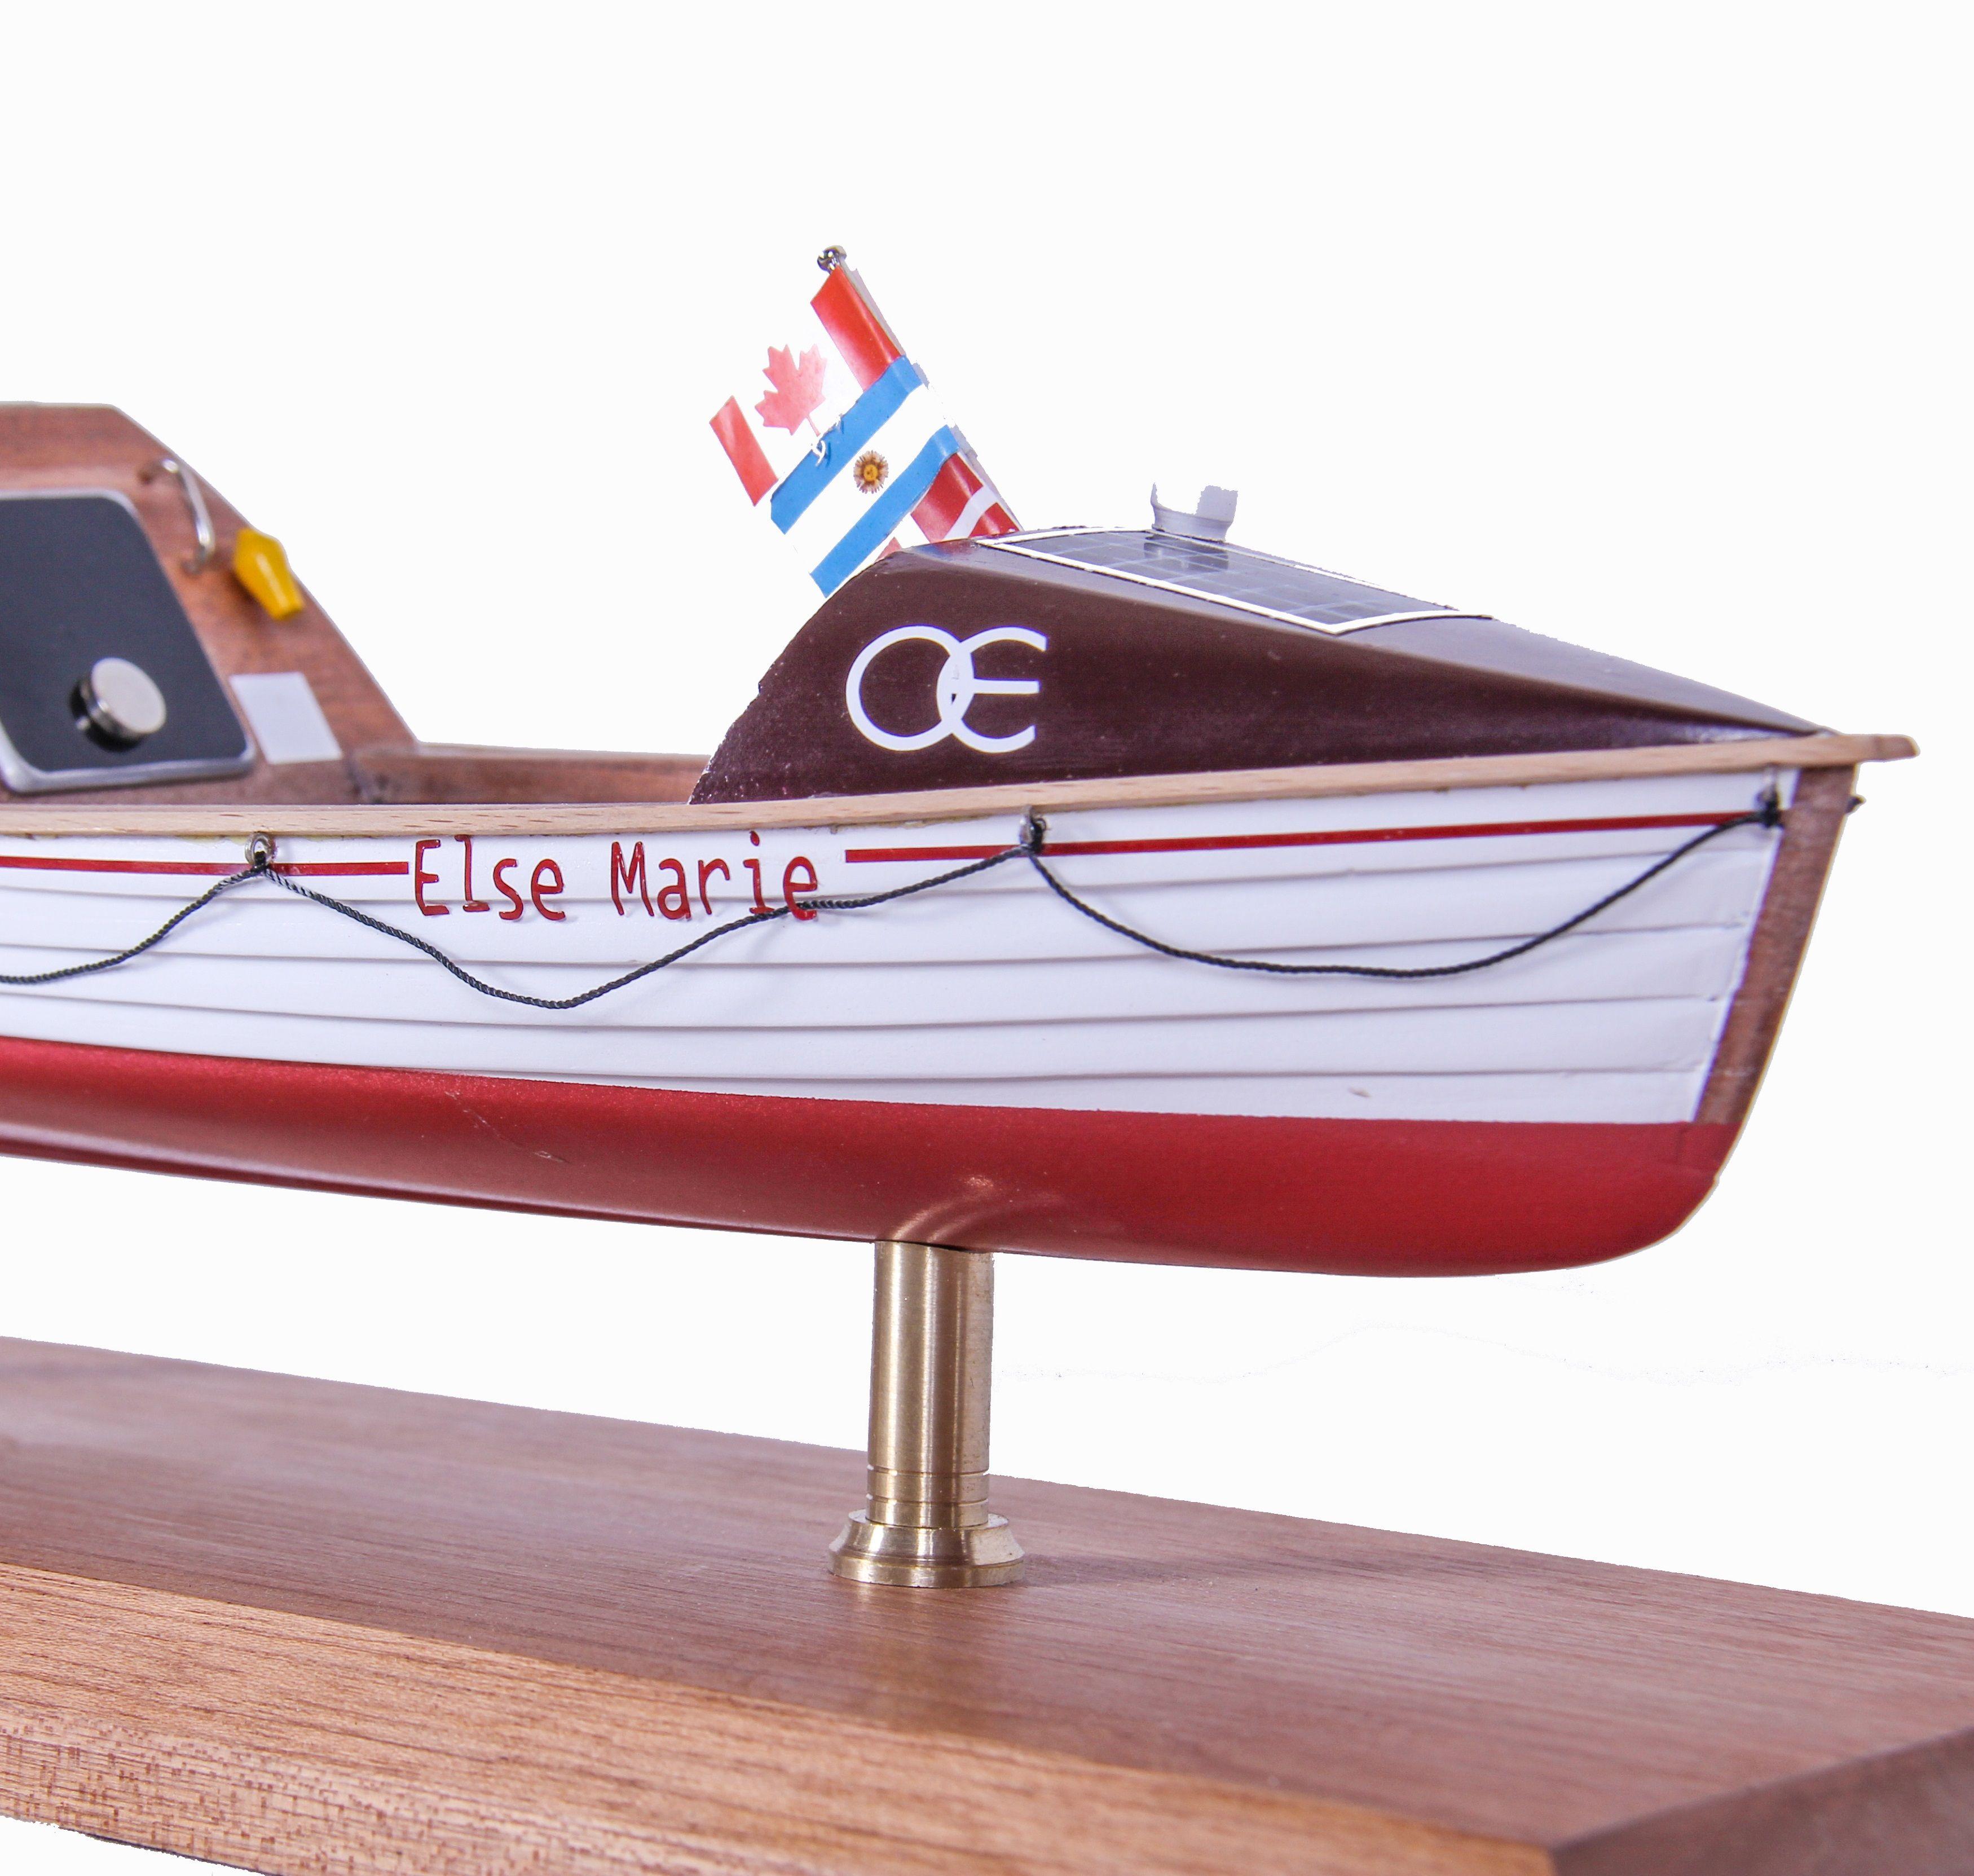 1687-9537-Else-Marie-Rowing-Boat